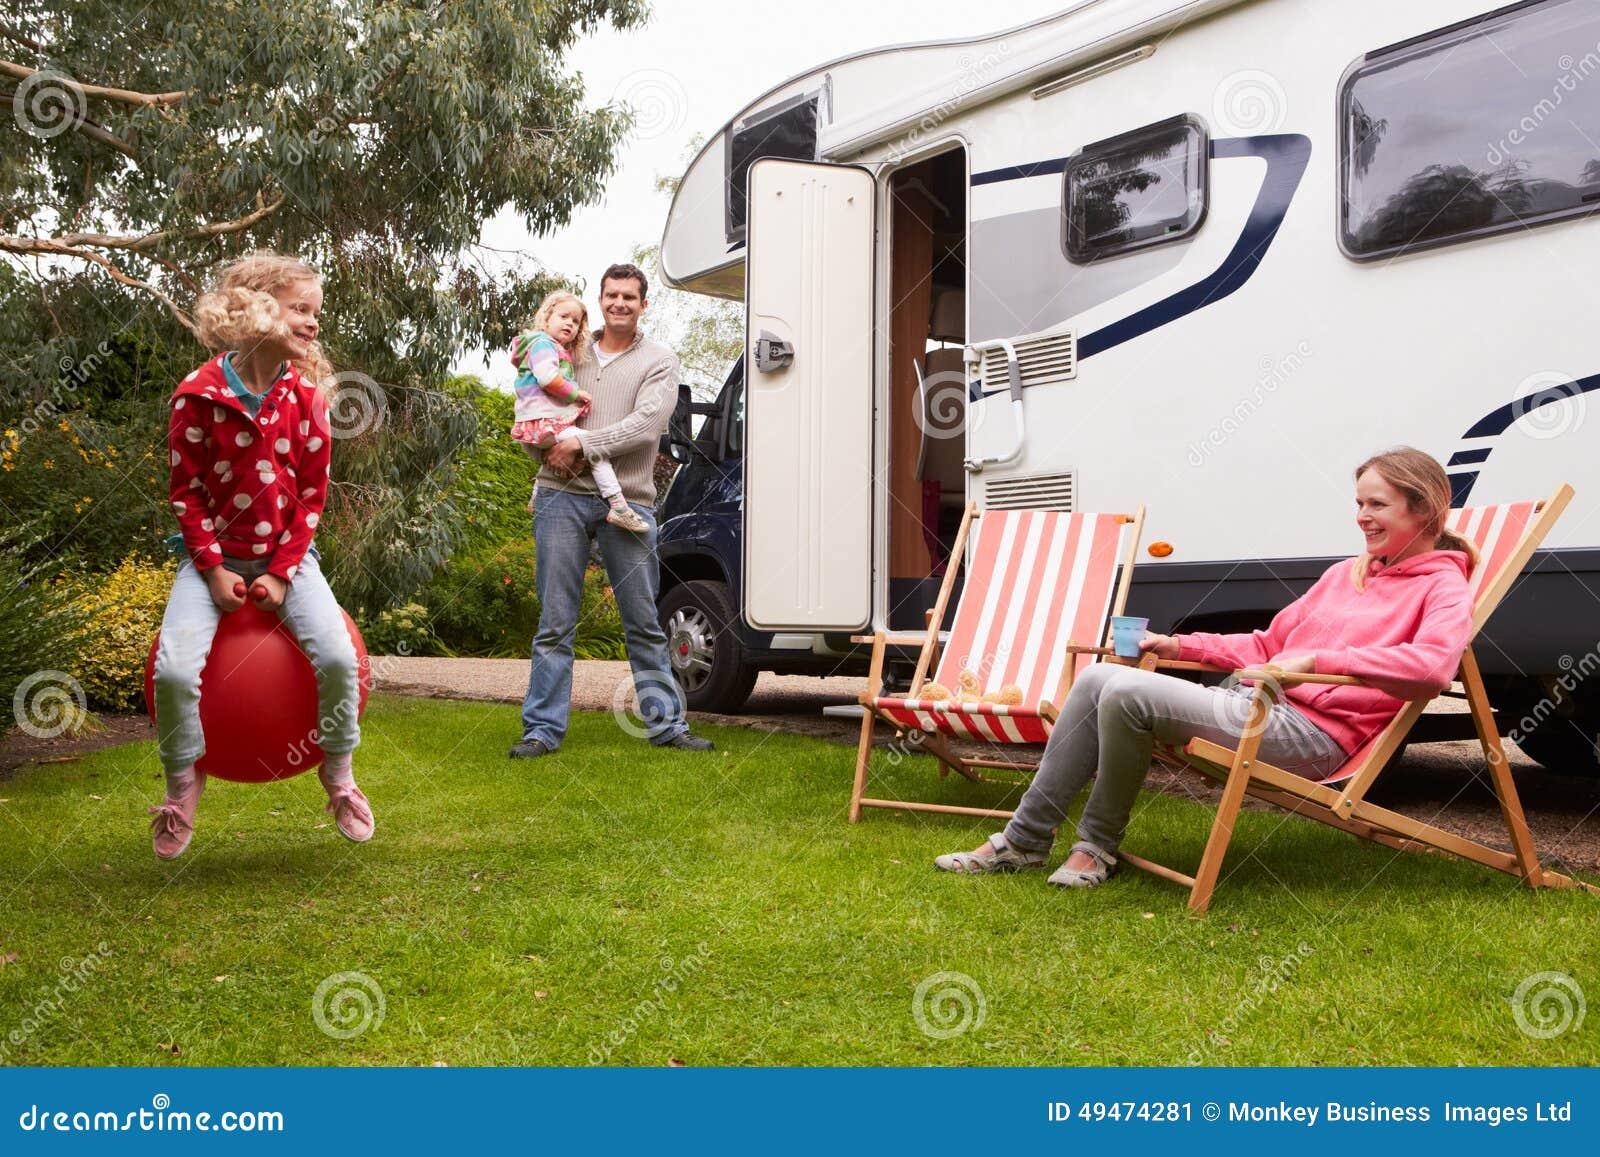 Ritratto della famiglia che gode della vacanza in campeggio in camper